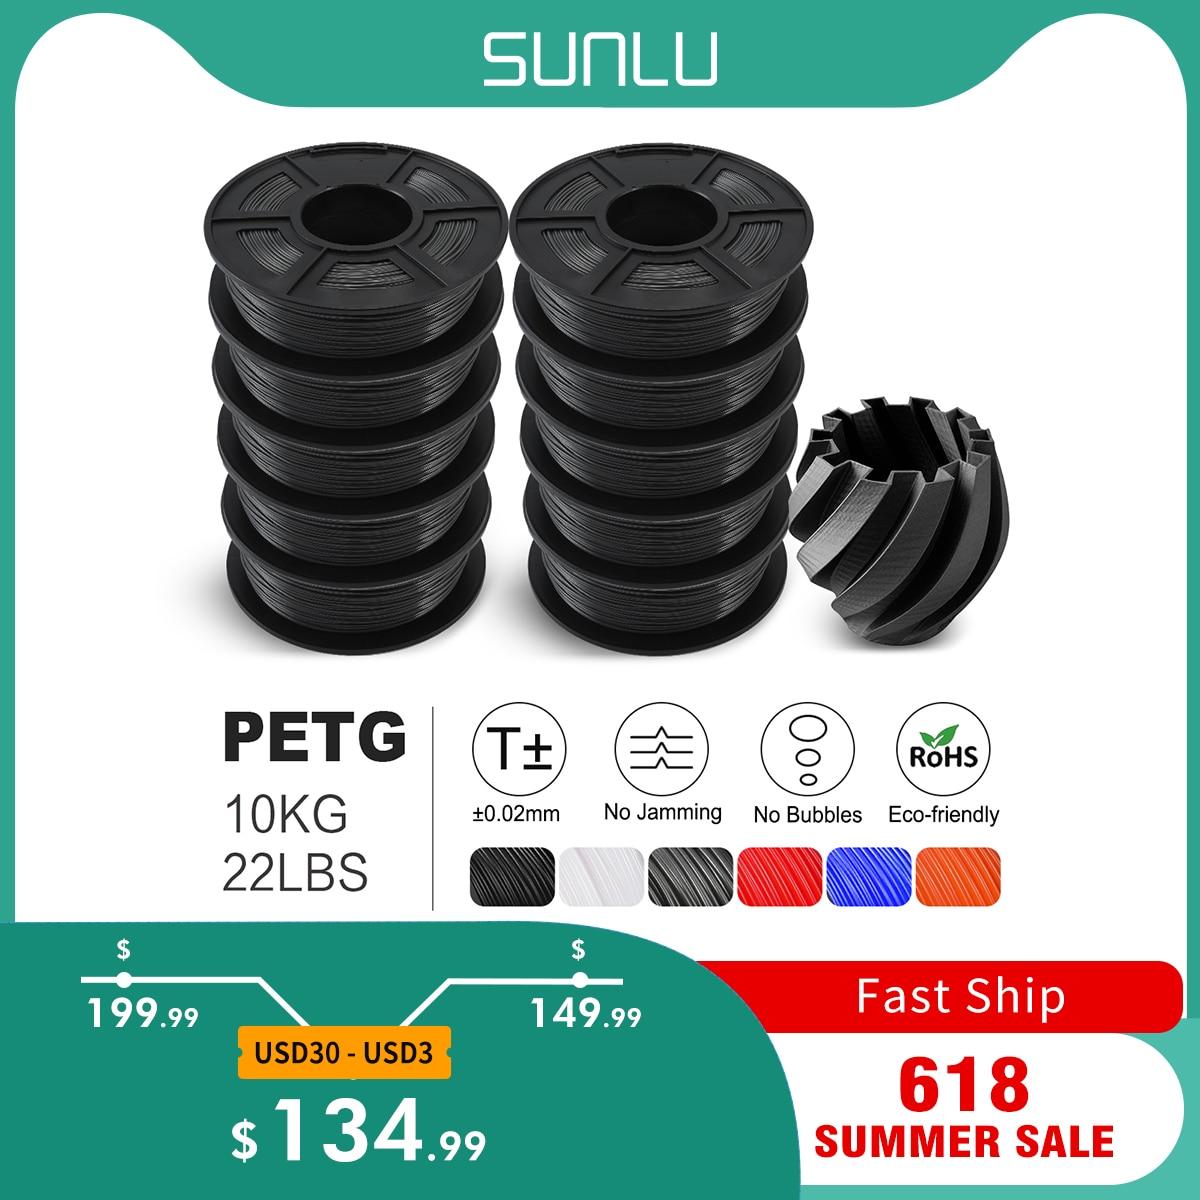 SUNLU материал для 3D-принтера PETG 1,75 мм с катушкой, высокая прочность, без пузырьков, 10 рулонов/комплект, нить PETG 10 кг